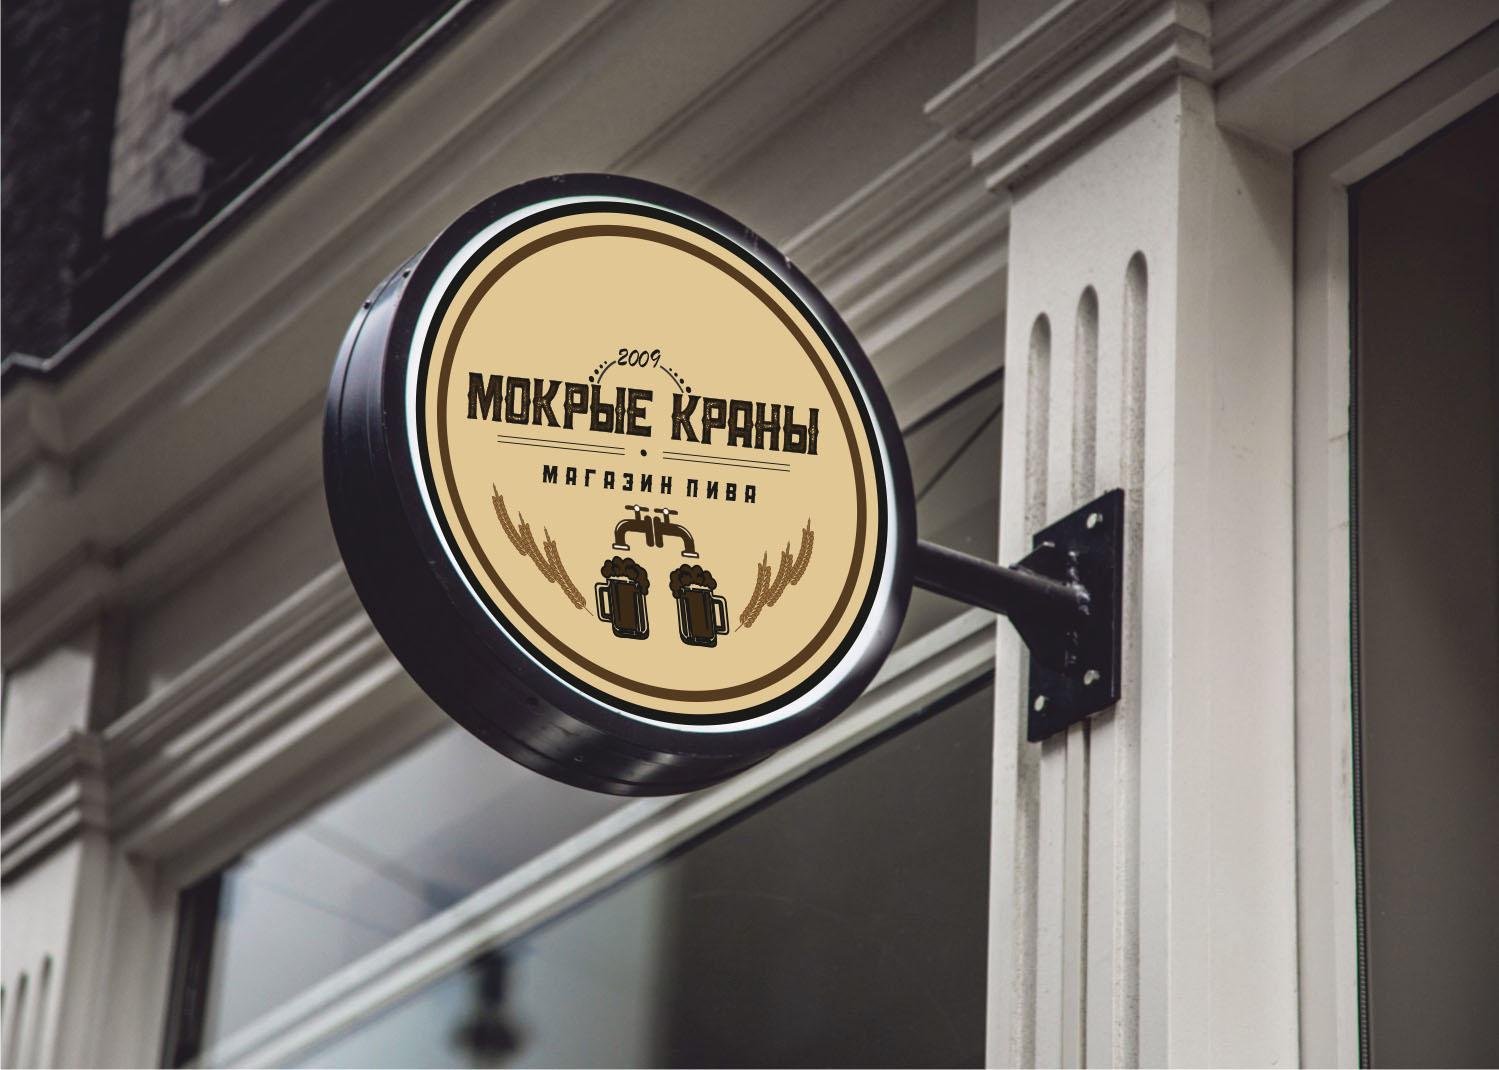 Вывеска/логотип для пивного магазина фото f_80660211756861a0.jpg